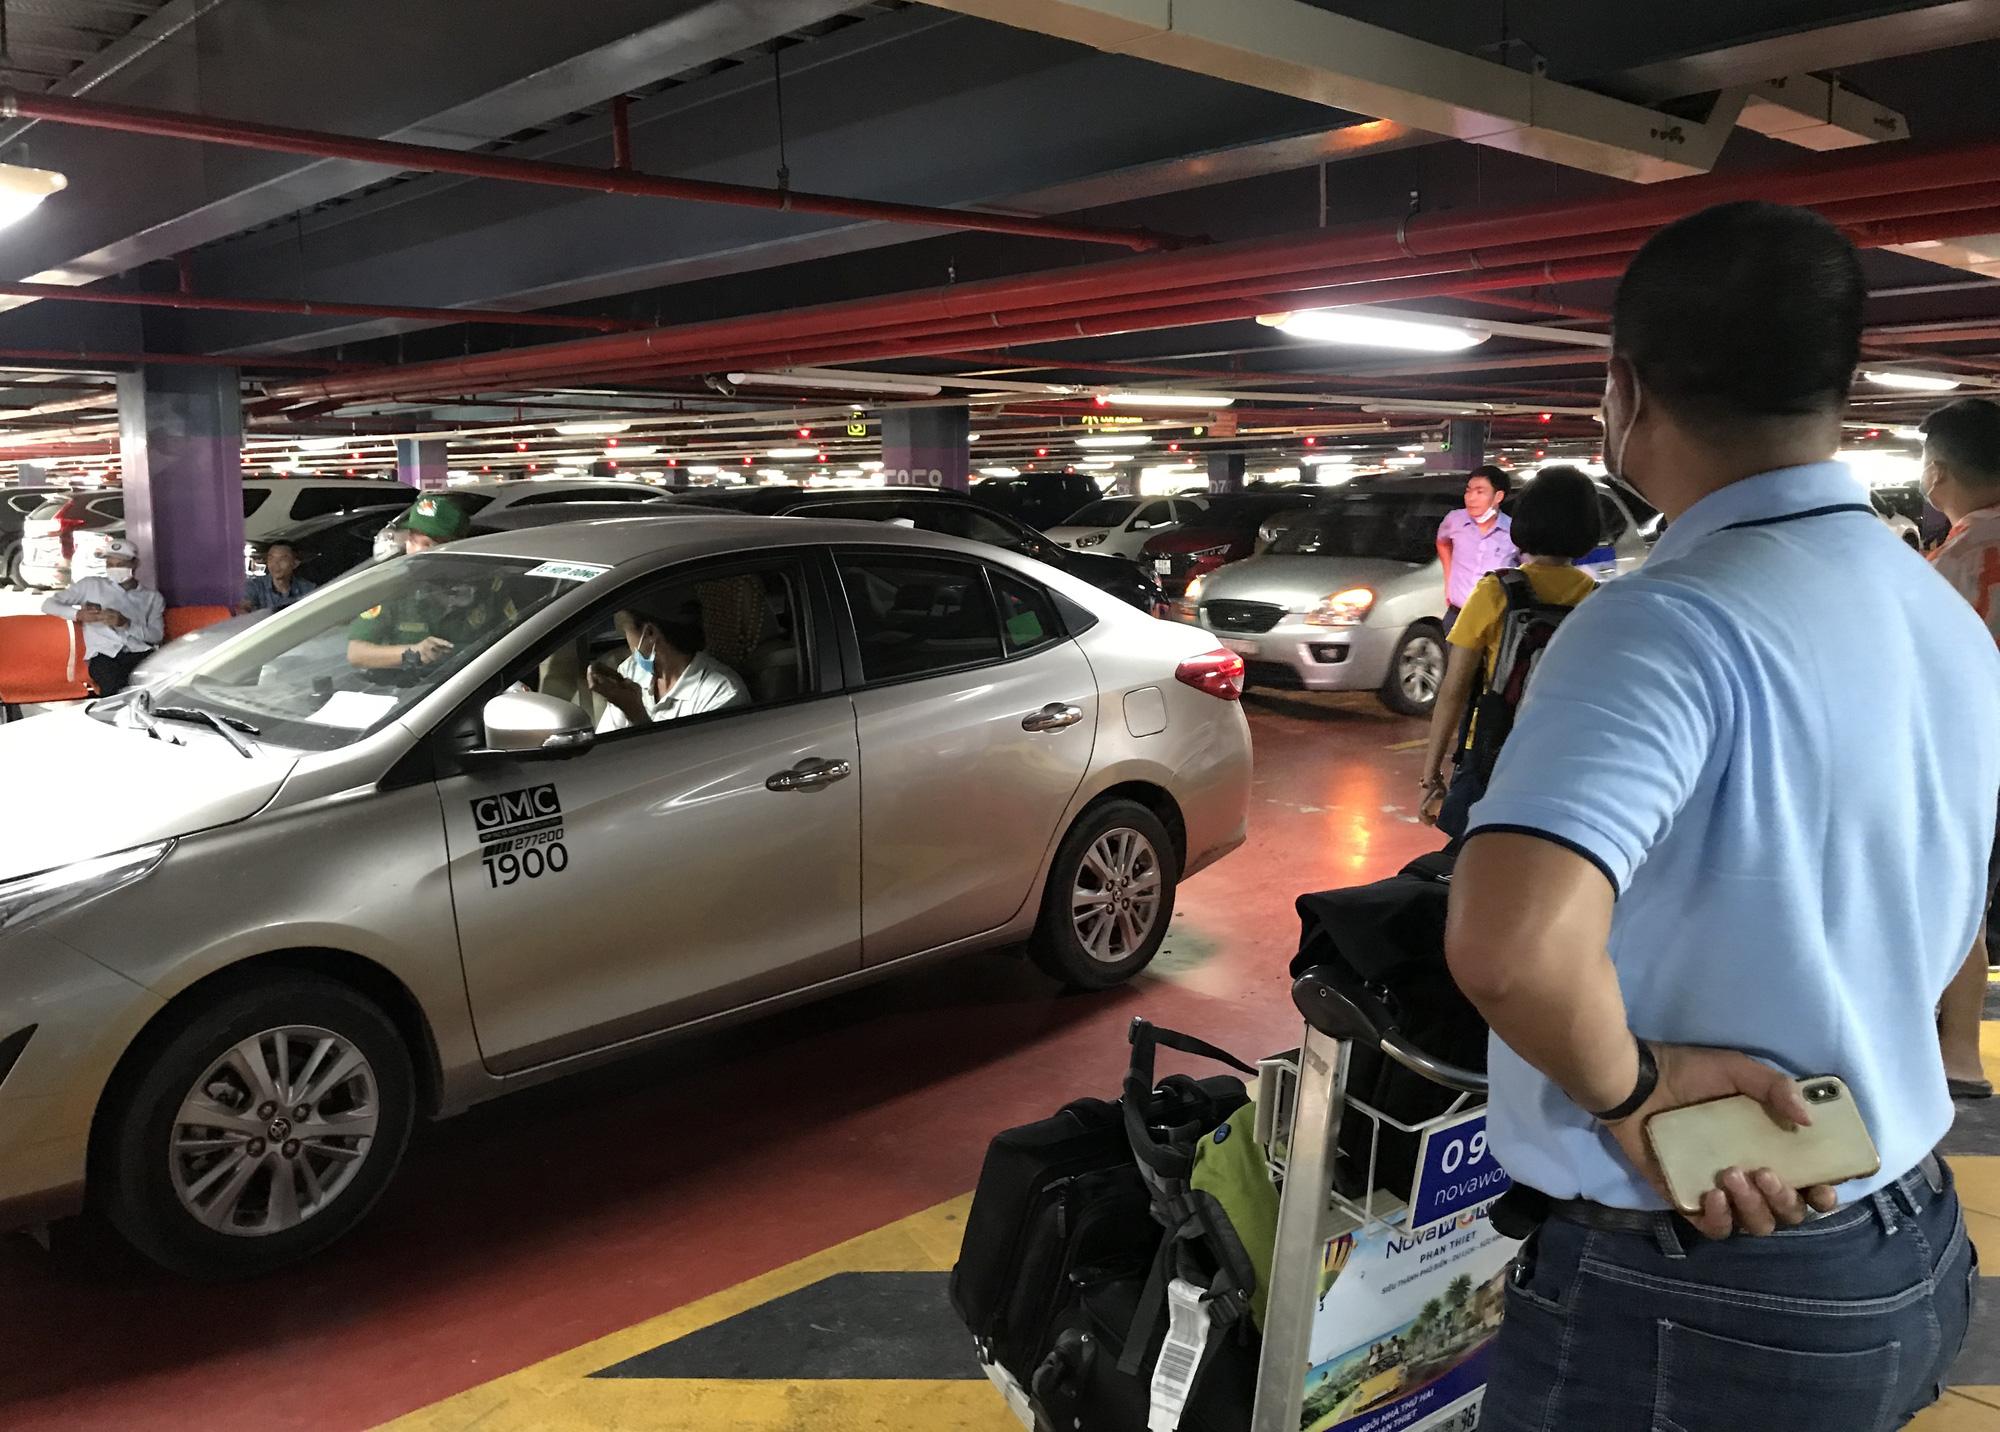 Khách vã mồ hôi, vác vali ra khỏi sân bay Tân Sơn Nhất,  cắt ngang làn ô tô để đón xe - Ảnh 9.